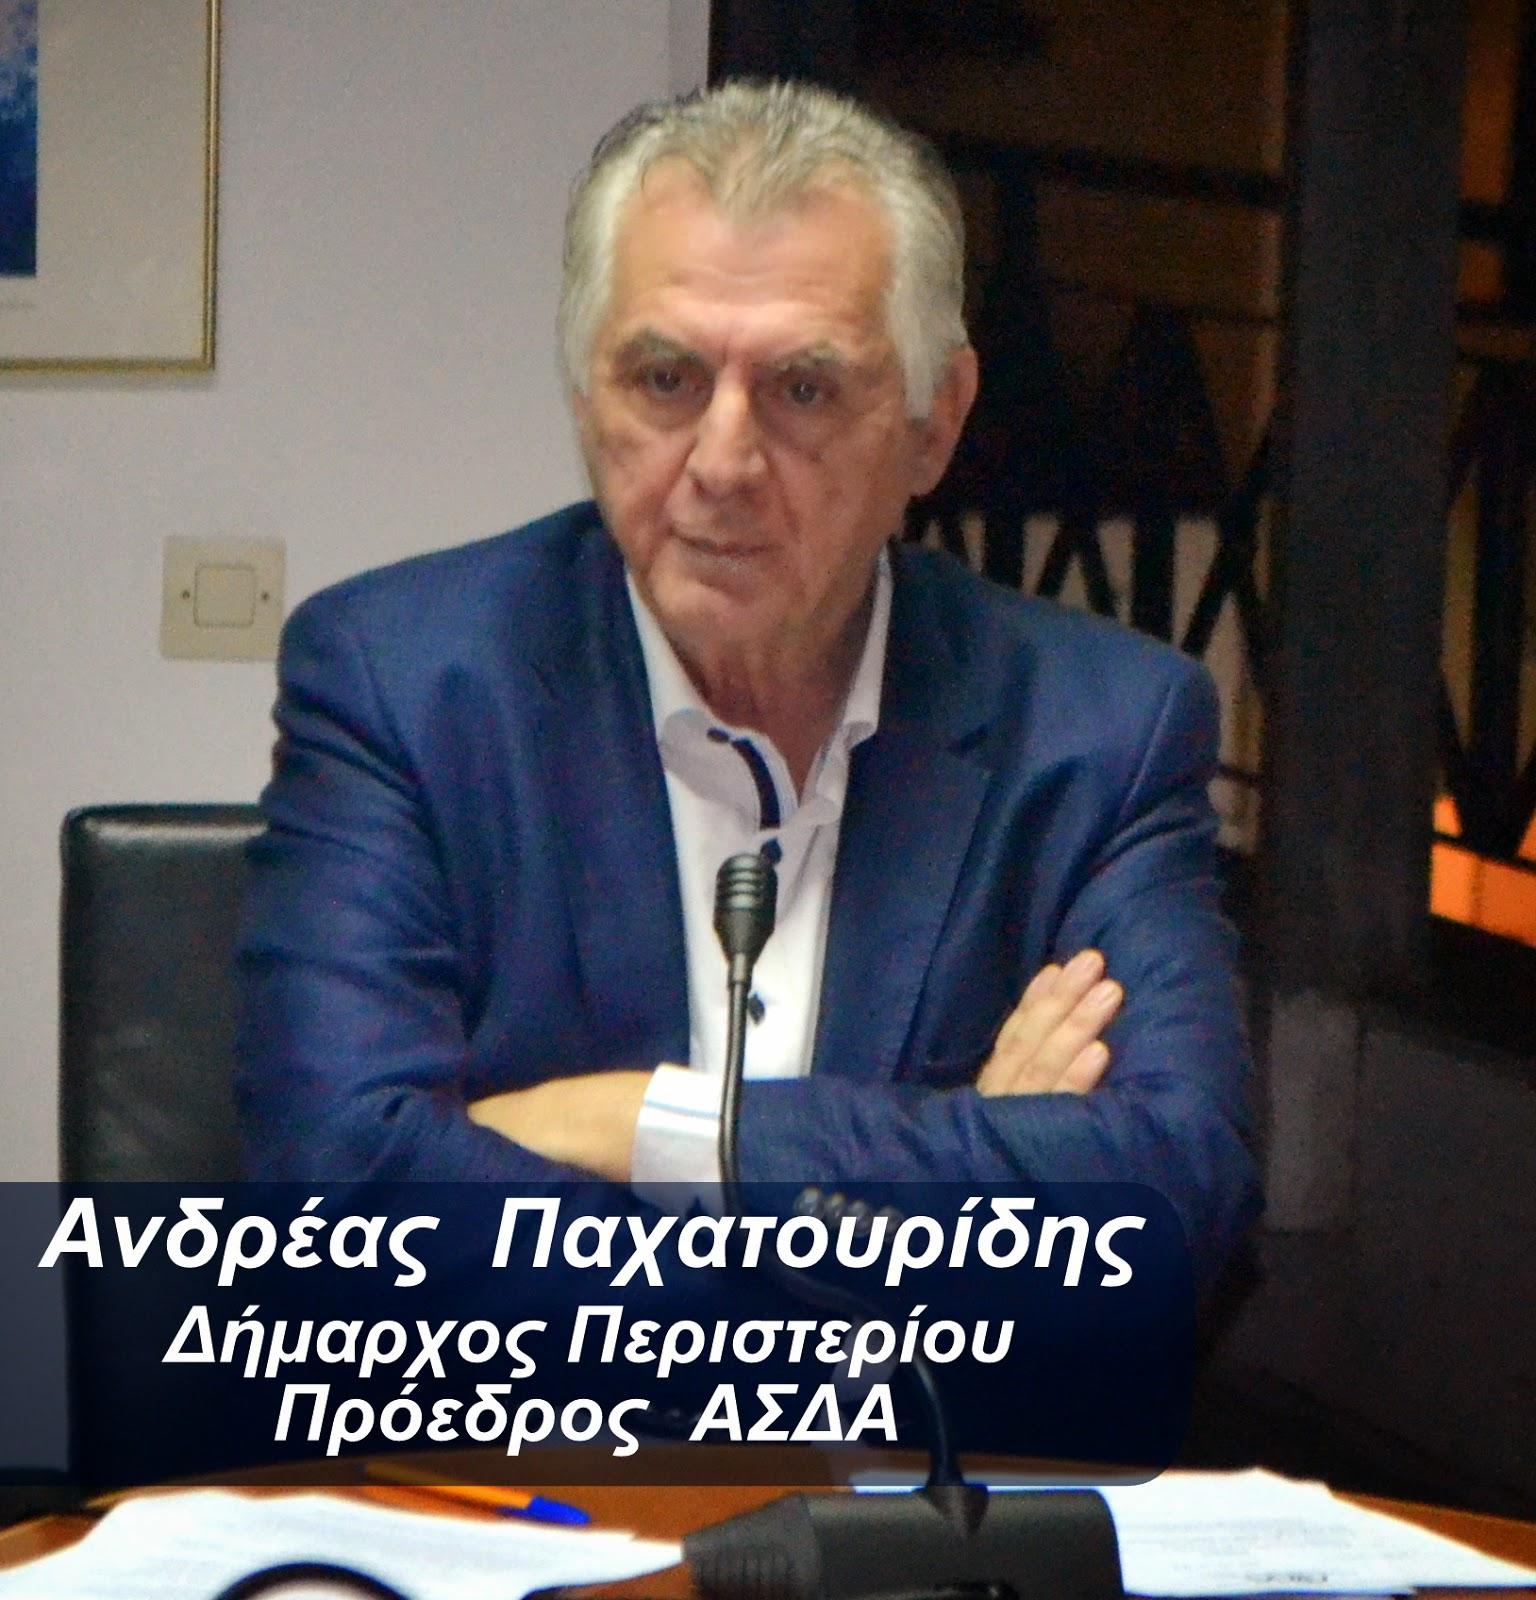 Νέος πρόεδρος του ΑΣΔΑ ο Δήμαρχος Περιστερίου Ανδρέας Παχατουρίδης.